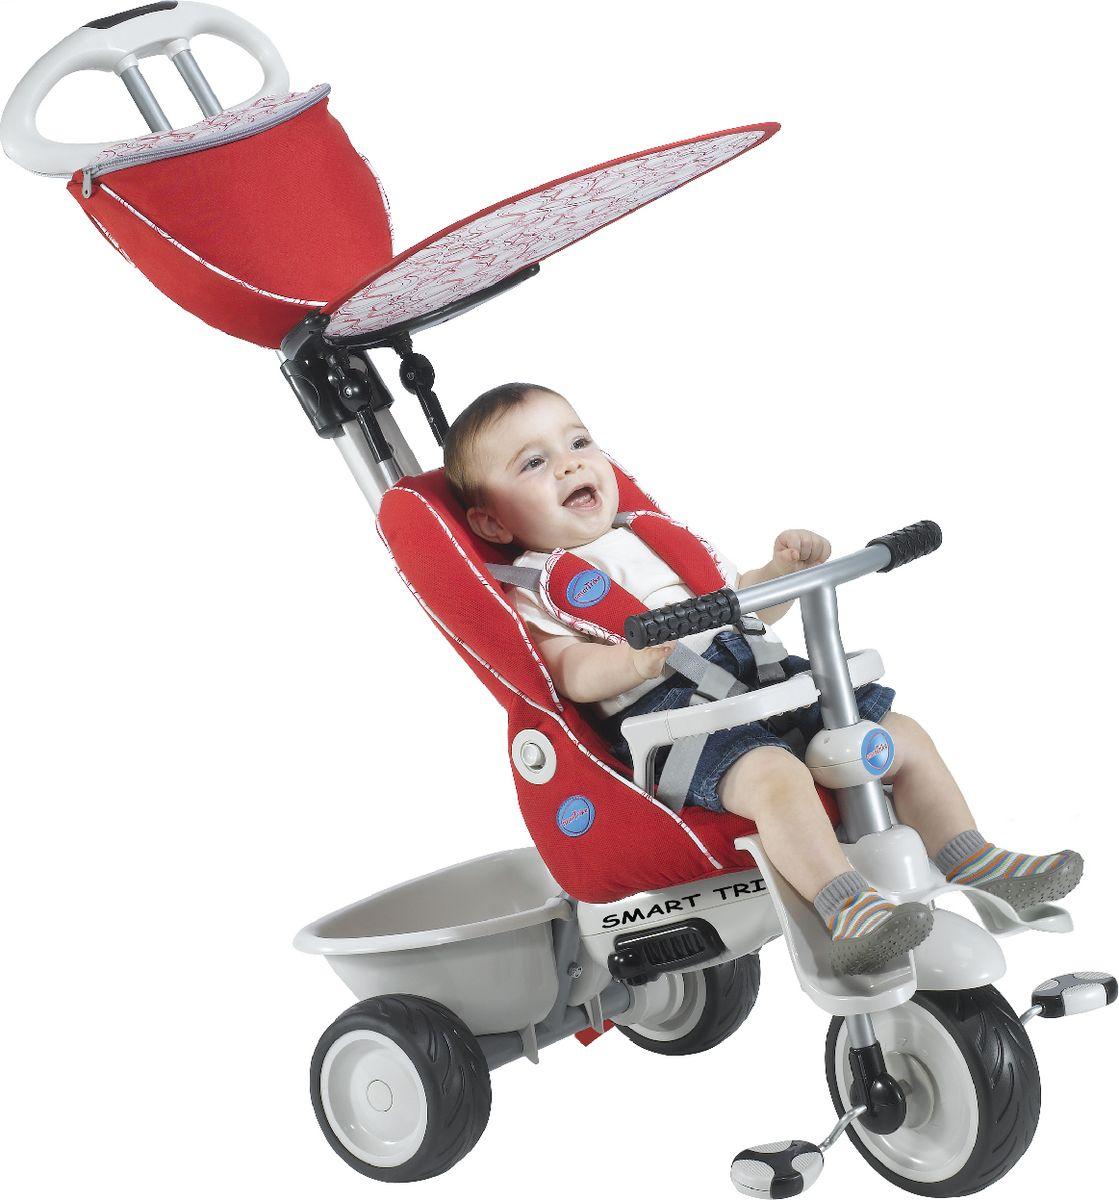 Smart Trike Велосипед трехколесный Recliner цвет красный1911900Трехколесный велосипед Smart Trike Recliner выполнен из прочного пластика и металла. Сиденье велосипеда оборудовано ремнем безопасности, также велосипед имеет небольшой багажник для игрушек. Это единственный на сегодняшний день велосипед, рассчитанный на самых маленьких детей в возрасте от шести месяцев. Учитывая физические особенности малыша, у велосипеда есть дополнительная подставка для ножек шестимесячных детей. Мягкое удобное сиденье, оборудованное 3-точечными ремнями безопасности и защитным поручнем, сделает прогулку не только комфортной, но и максимально безопасной. Сиденье имеет возможность регулировки удаленности от руля в двух положениях, а благодаря высокой спинке, которую можно опускать при нажатии на кнопку, и дополнительной боковой поддержке для головы, малыш сможет ехать полулежа и даже вздремнуть во время прогулки. Основные характеристики: резиновые колеса 8,4 / 6,4; управляющая ручка с внутренней тягой; 2 подножки; мягкая накидка на сиденье; 3-точечный ремень безопасности; страховочный обод; корзина; съемный солнцезащитный тент с возможностью регулировки обеспечивает ребенку защиту от ультрафиолетового излучения солнца на 30%; ножная тормозная система; свободный ход педалей; регулировка наклона спинки; регулировка сиденья в 2-х положениях; сумка; держатель для бутылки.